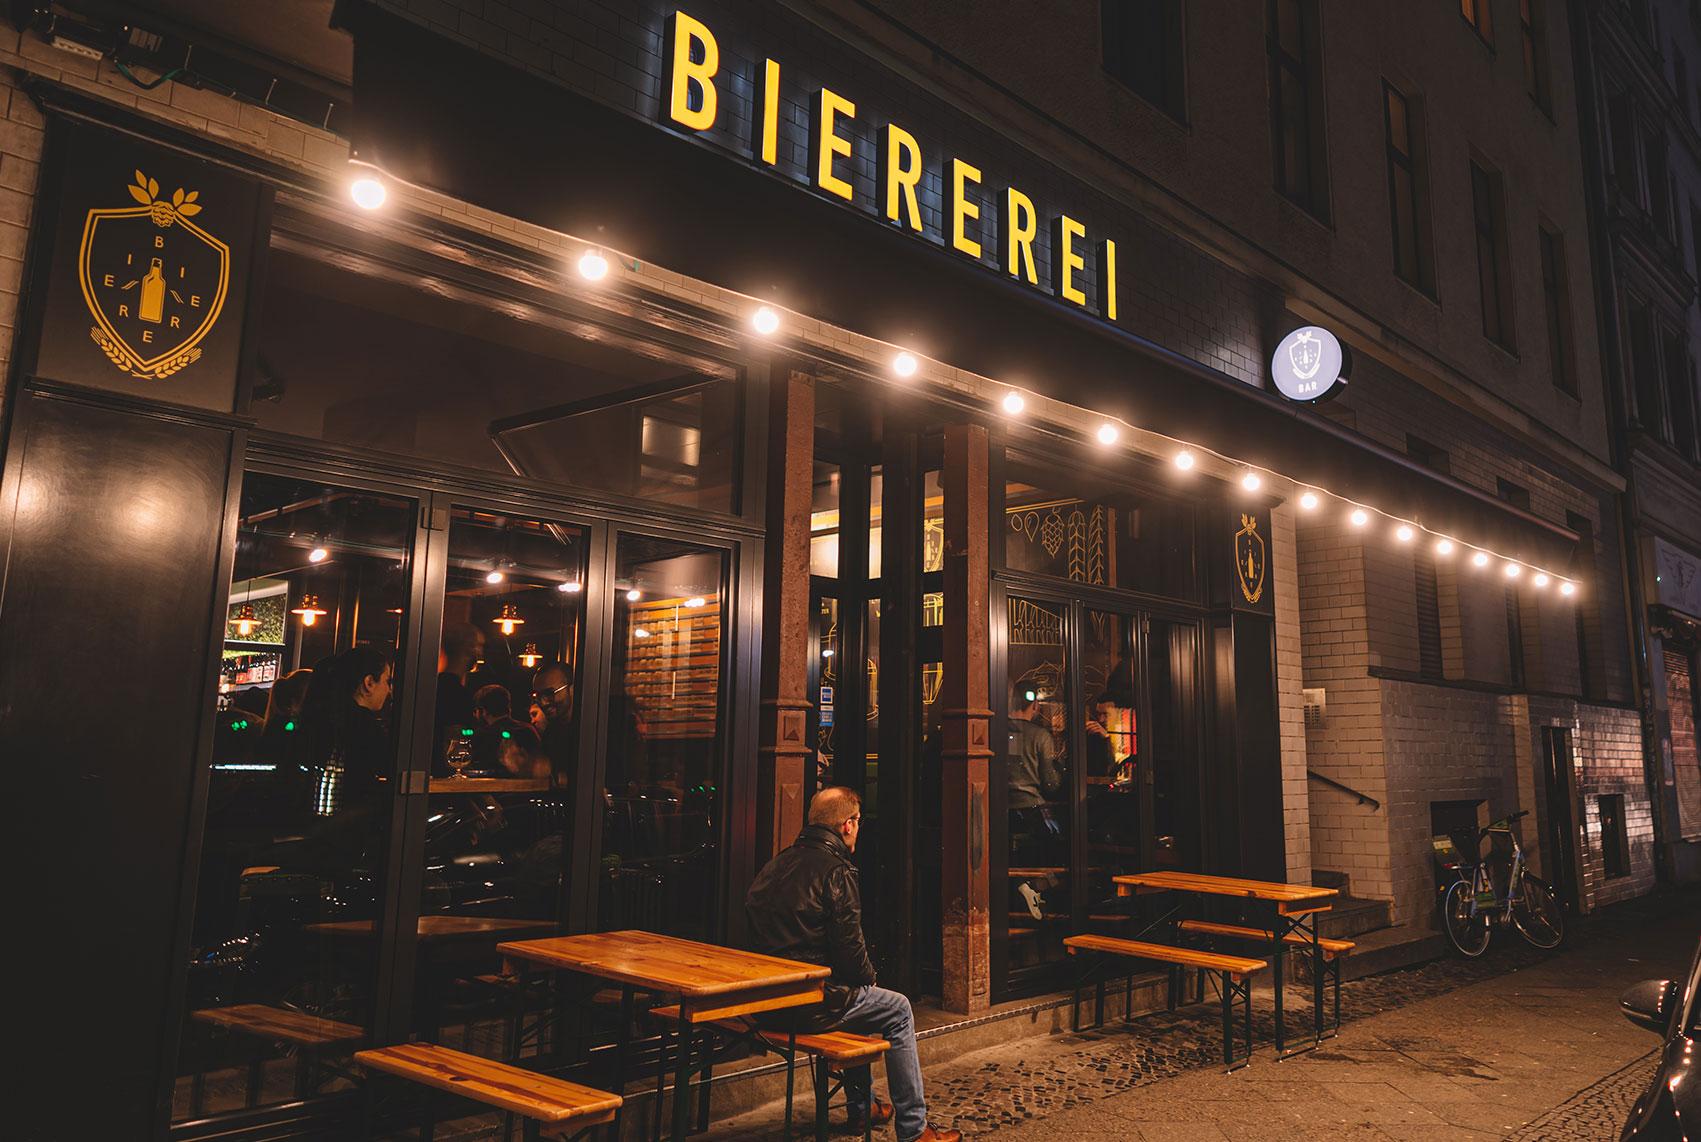 Biererei Bar Berlin 2020